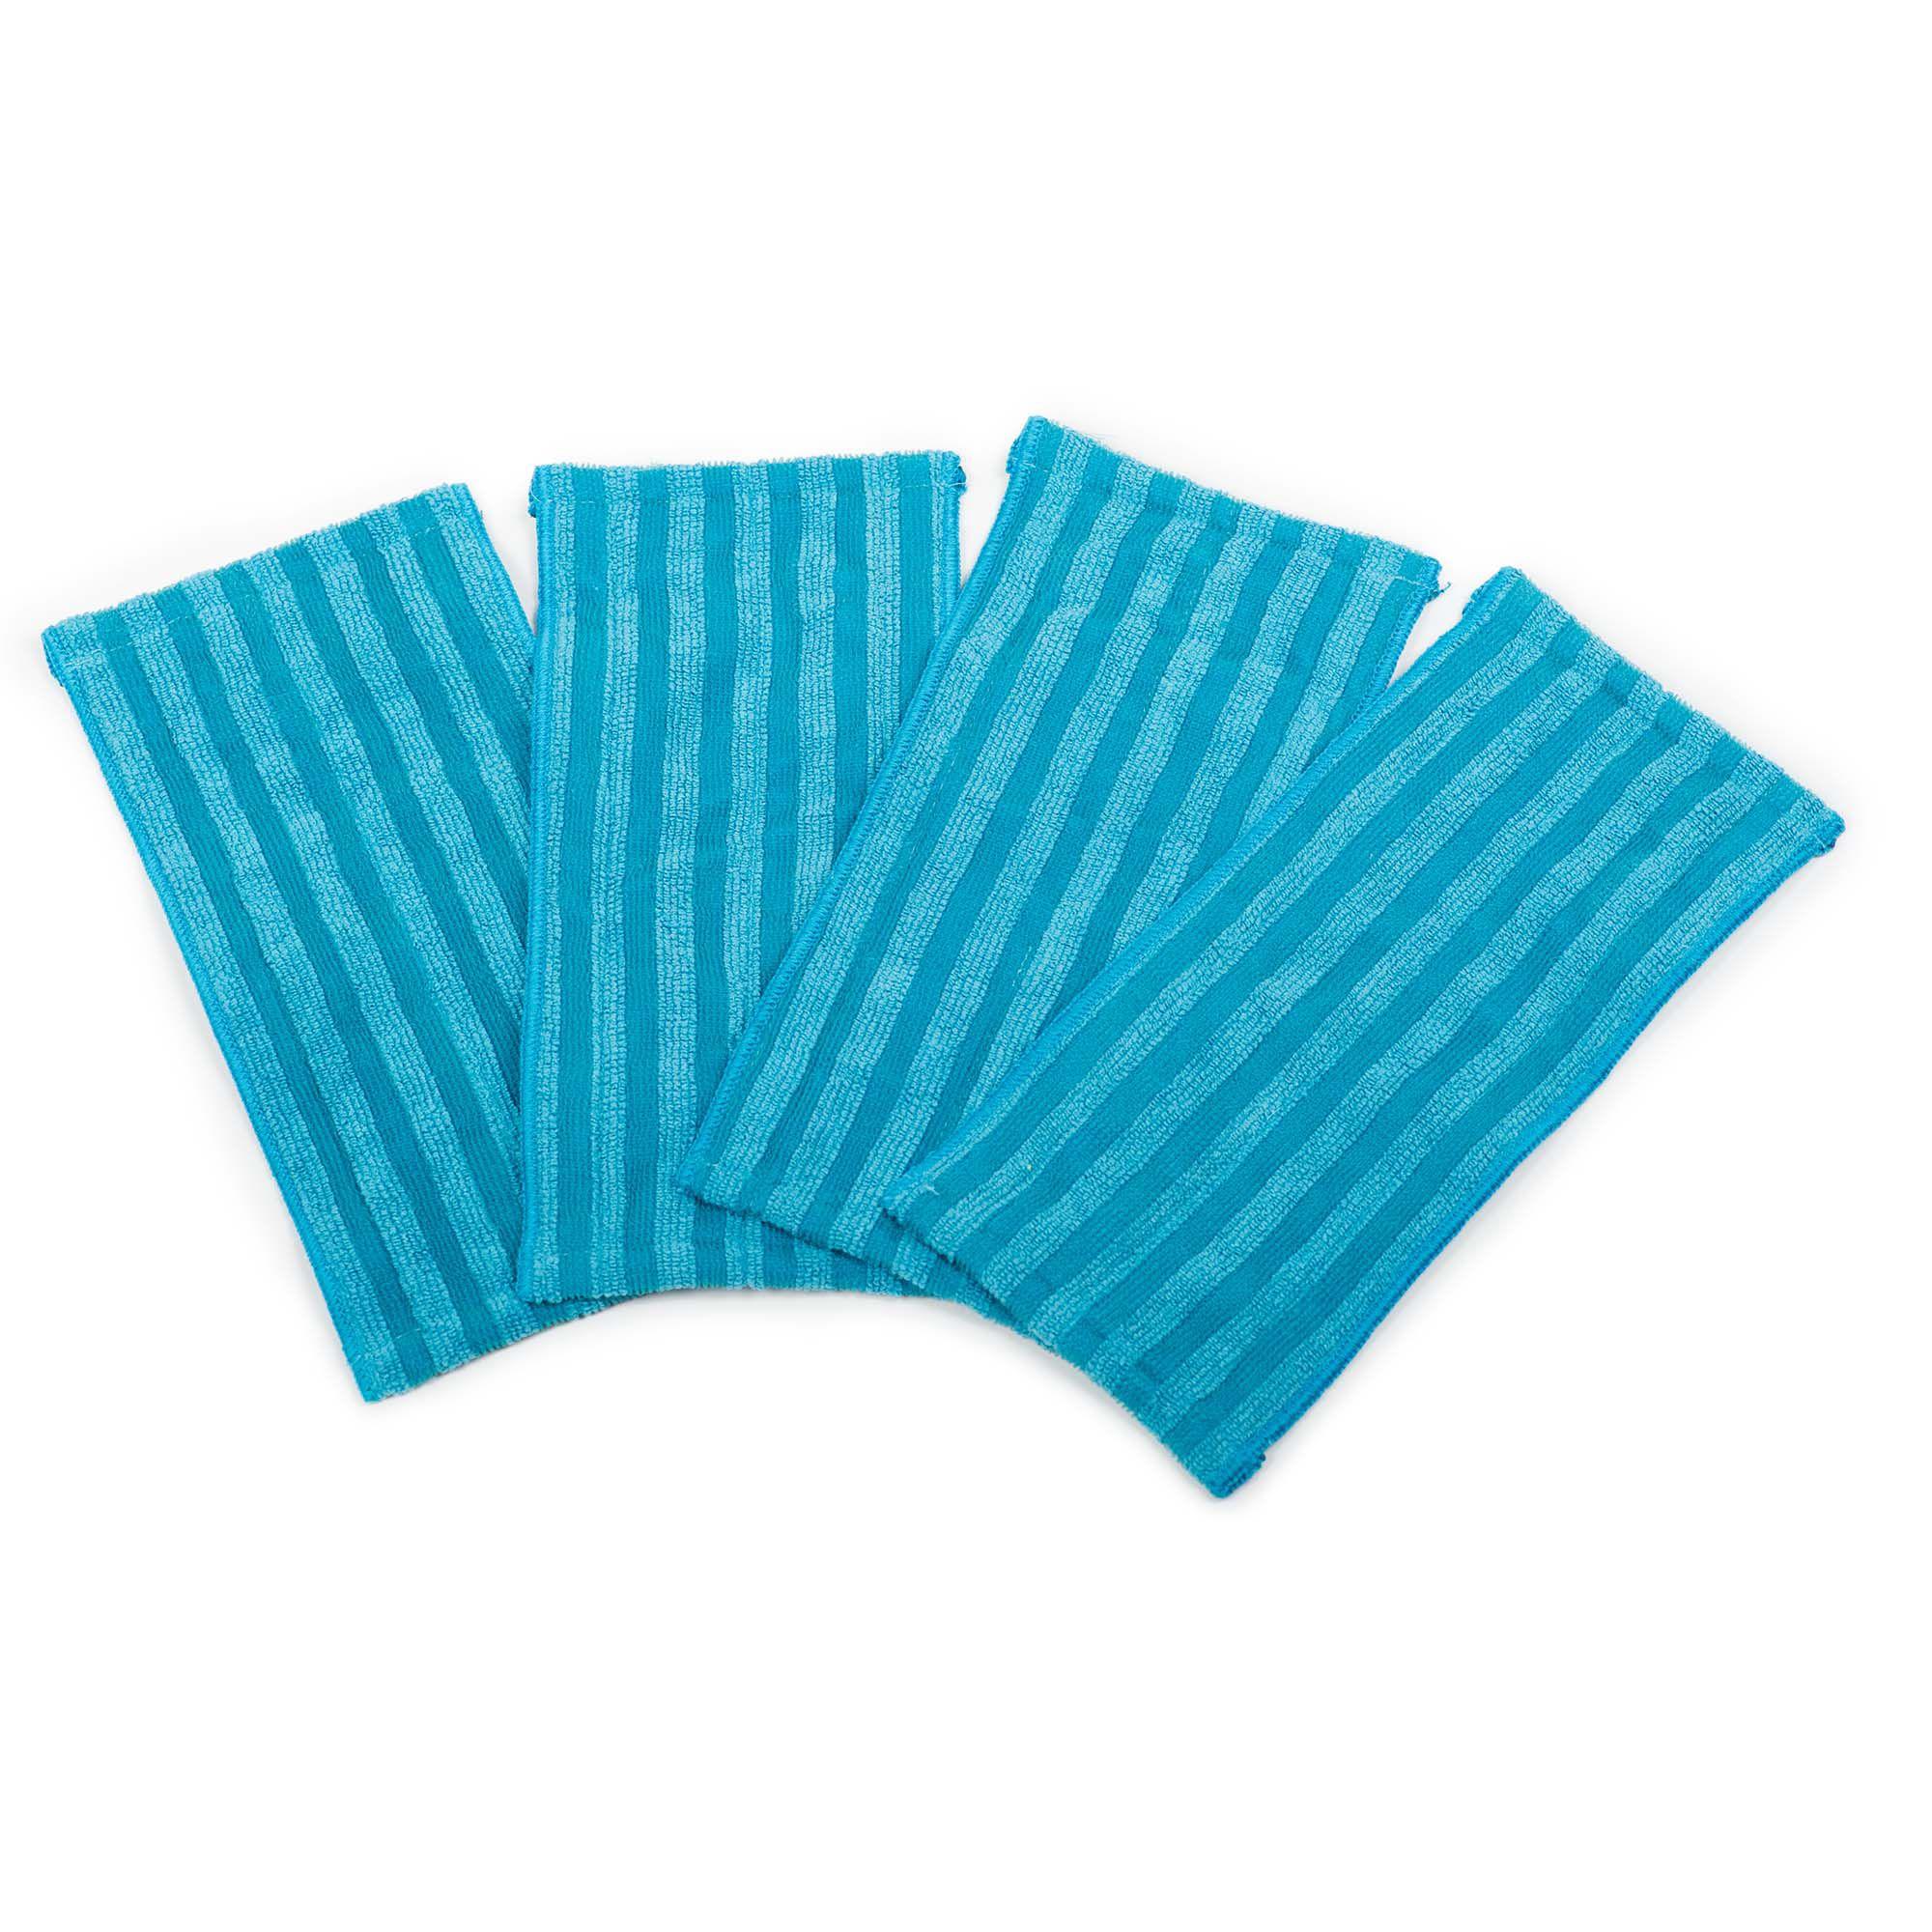 Image of 4 panni di ricambio in microfibra per PowerPro Aqua